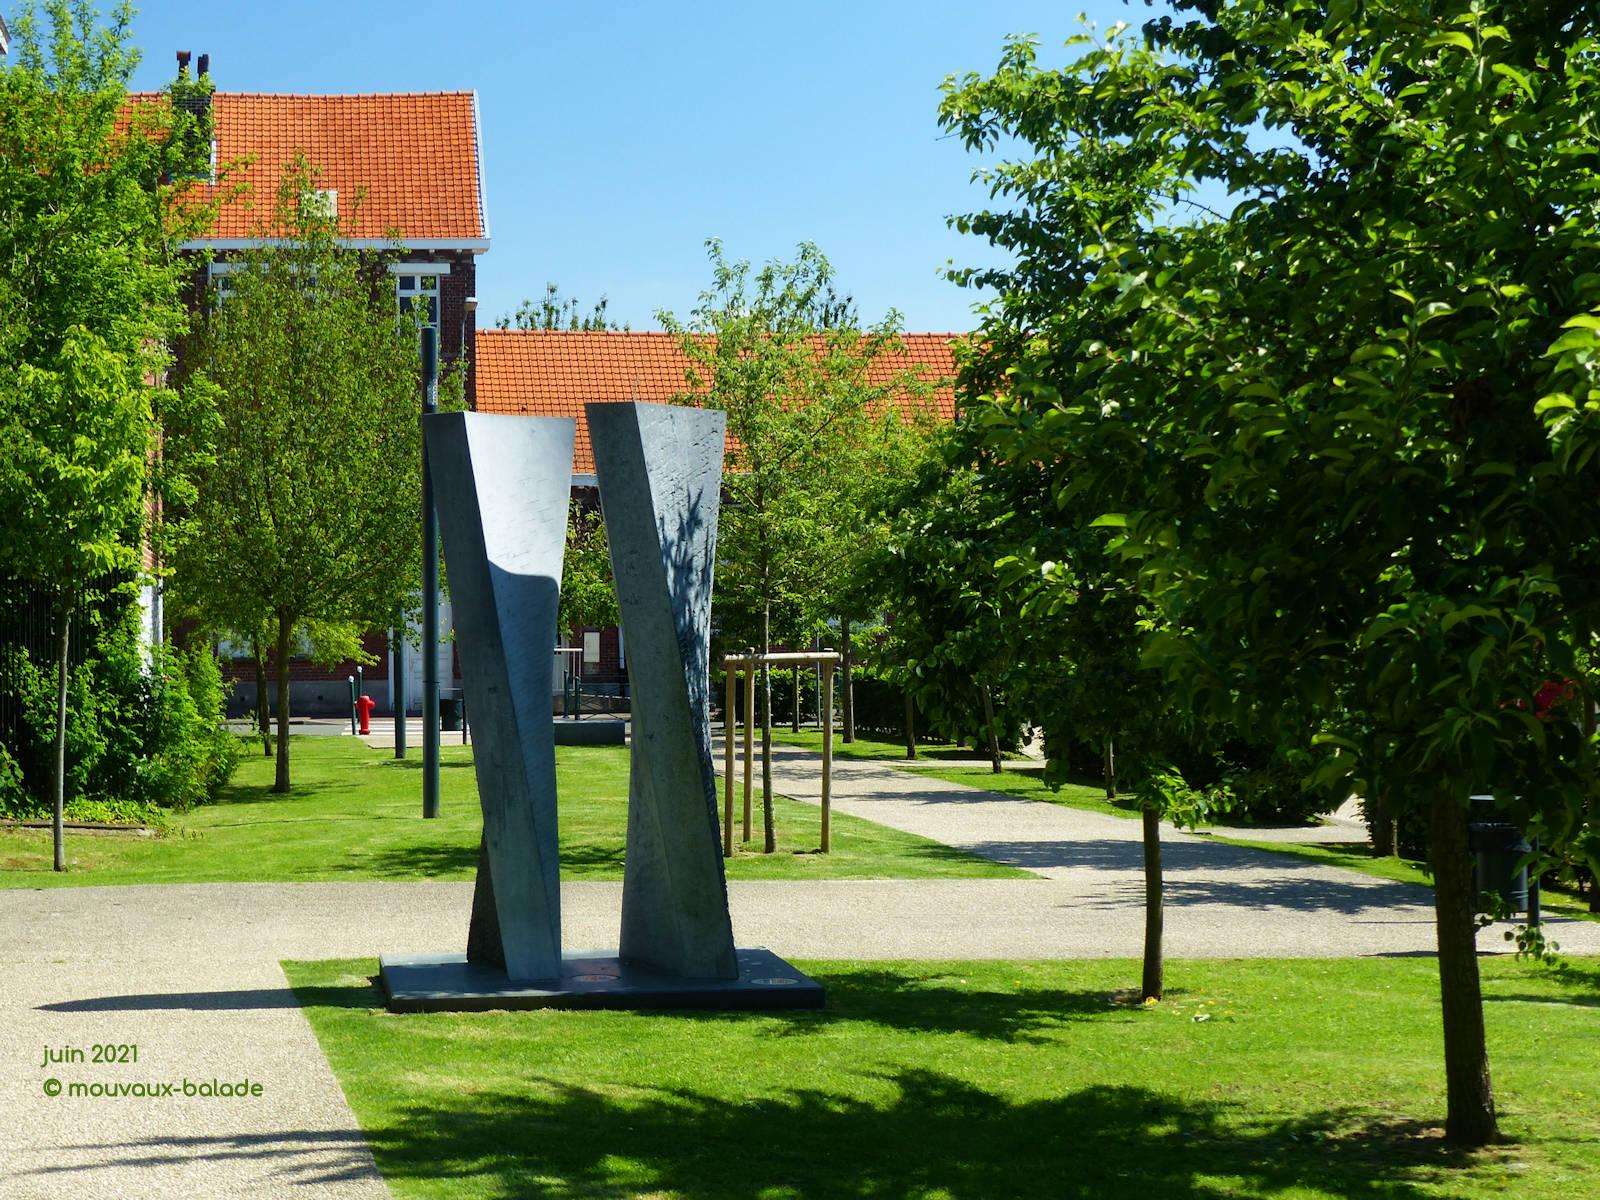 Sculpture Martin Hollebecq, Mouvaux